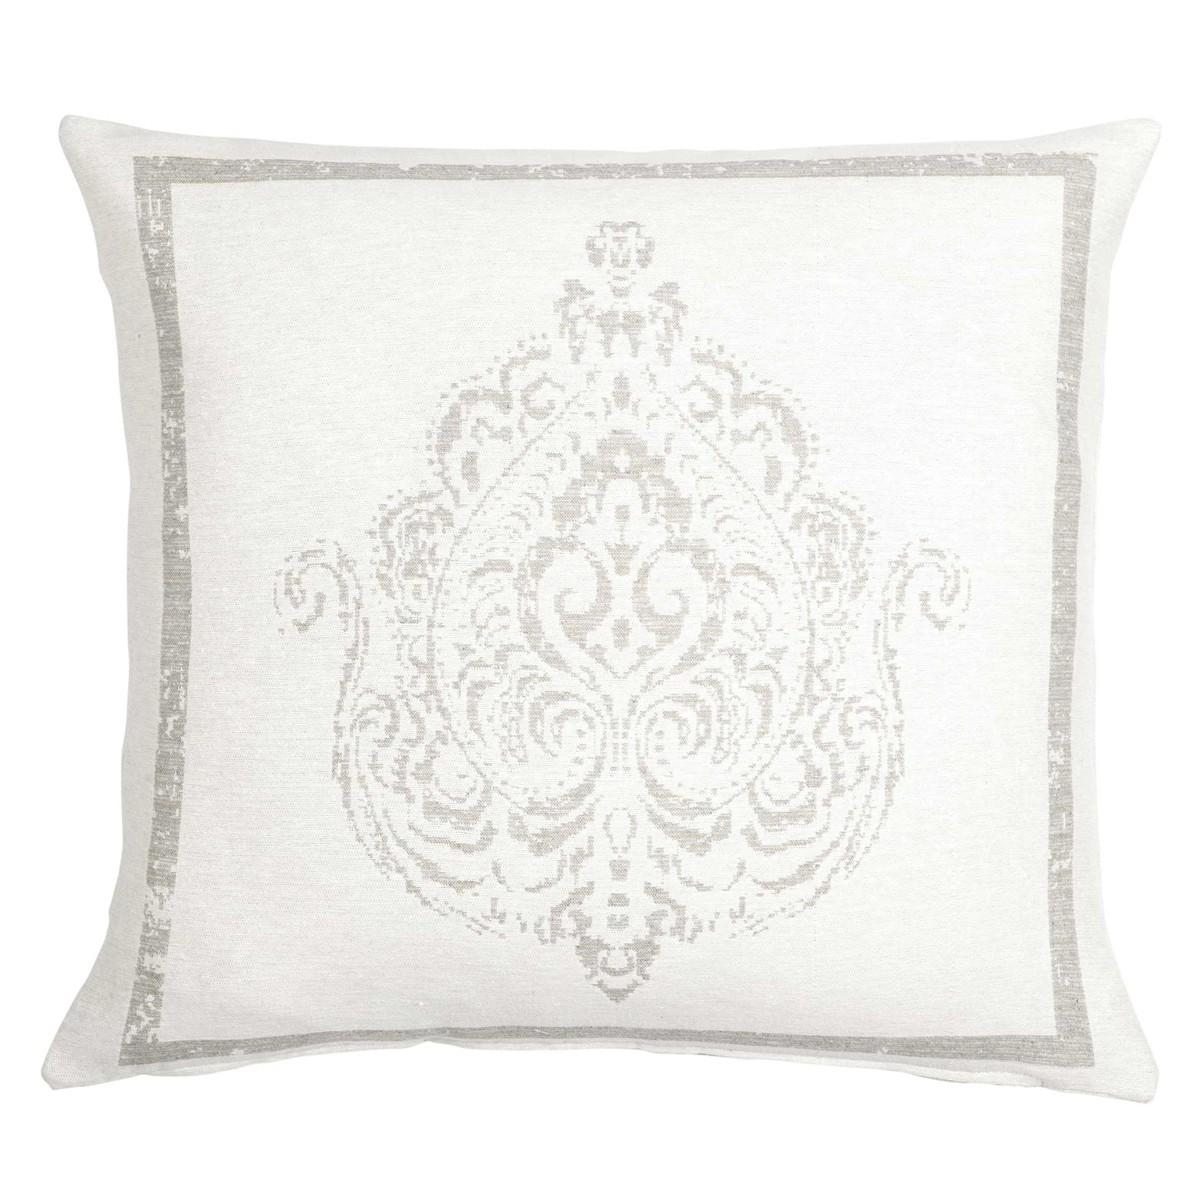 Διακοσμητική Μαξιλαροθήκη Nima Cushions Dammam Beige